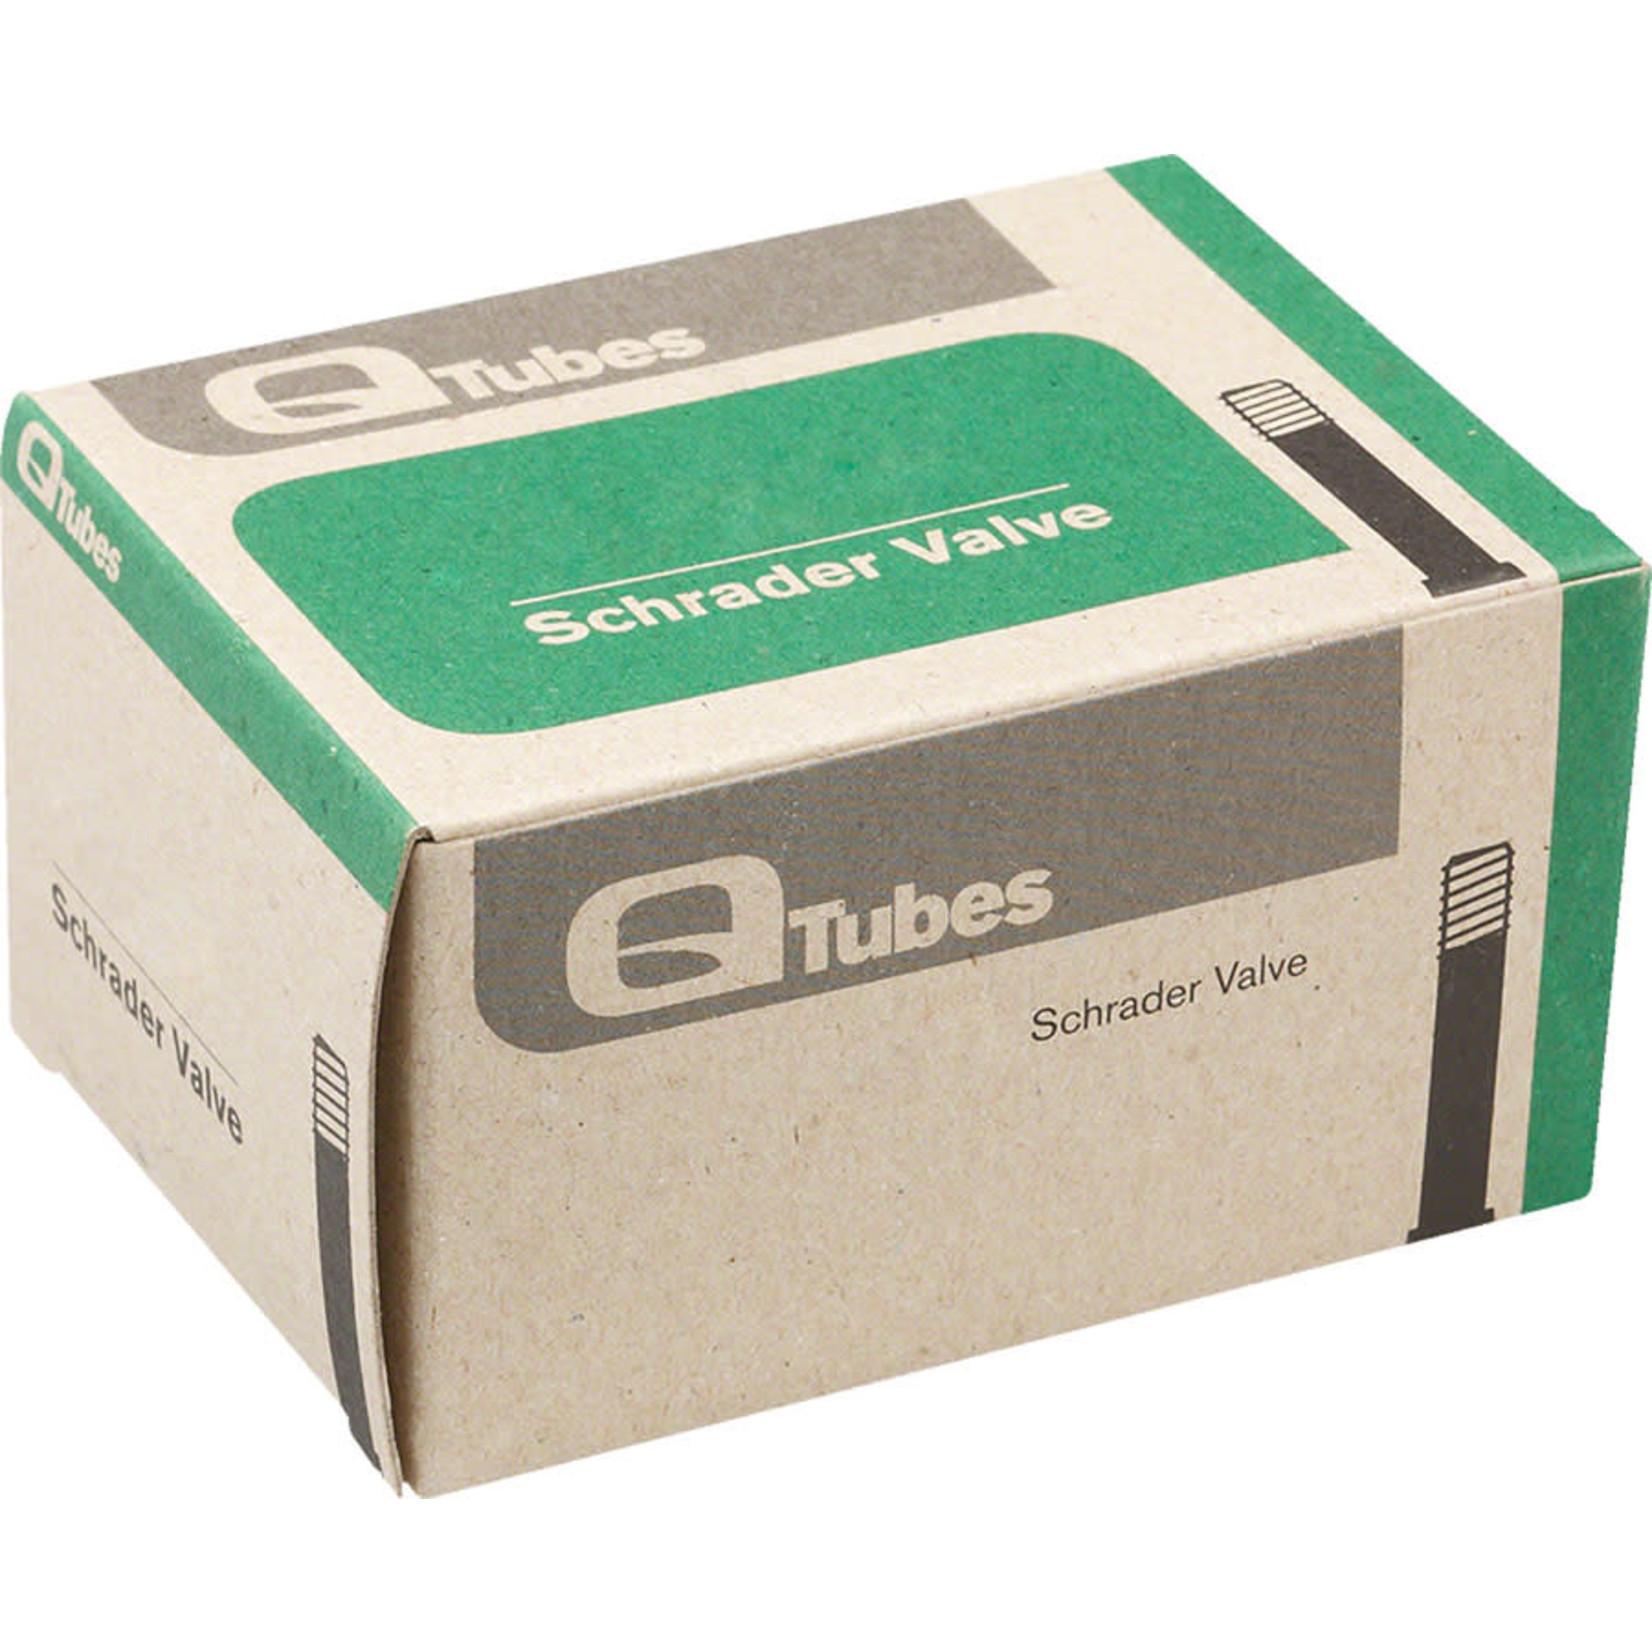 Q-Tubes Q-Tubes 700 x 35-43mm 48mm Long Schrader Valve Tube